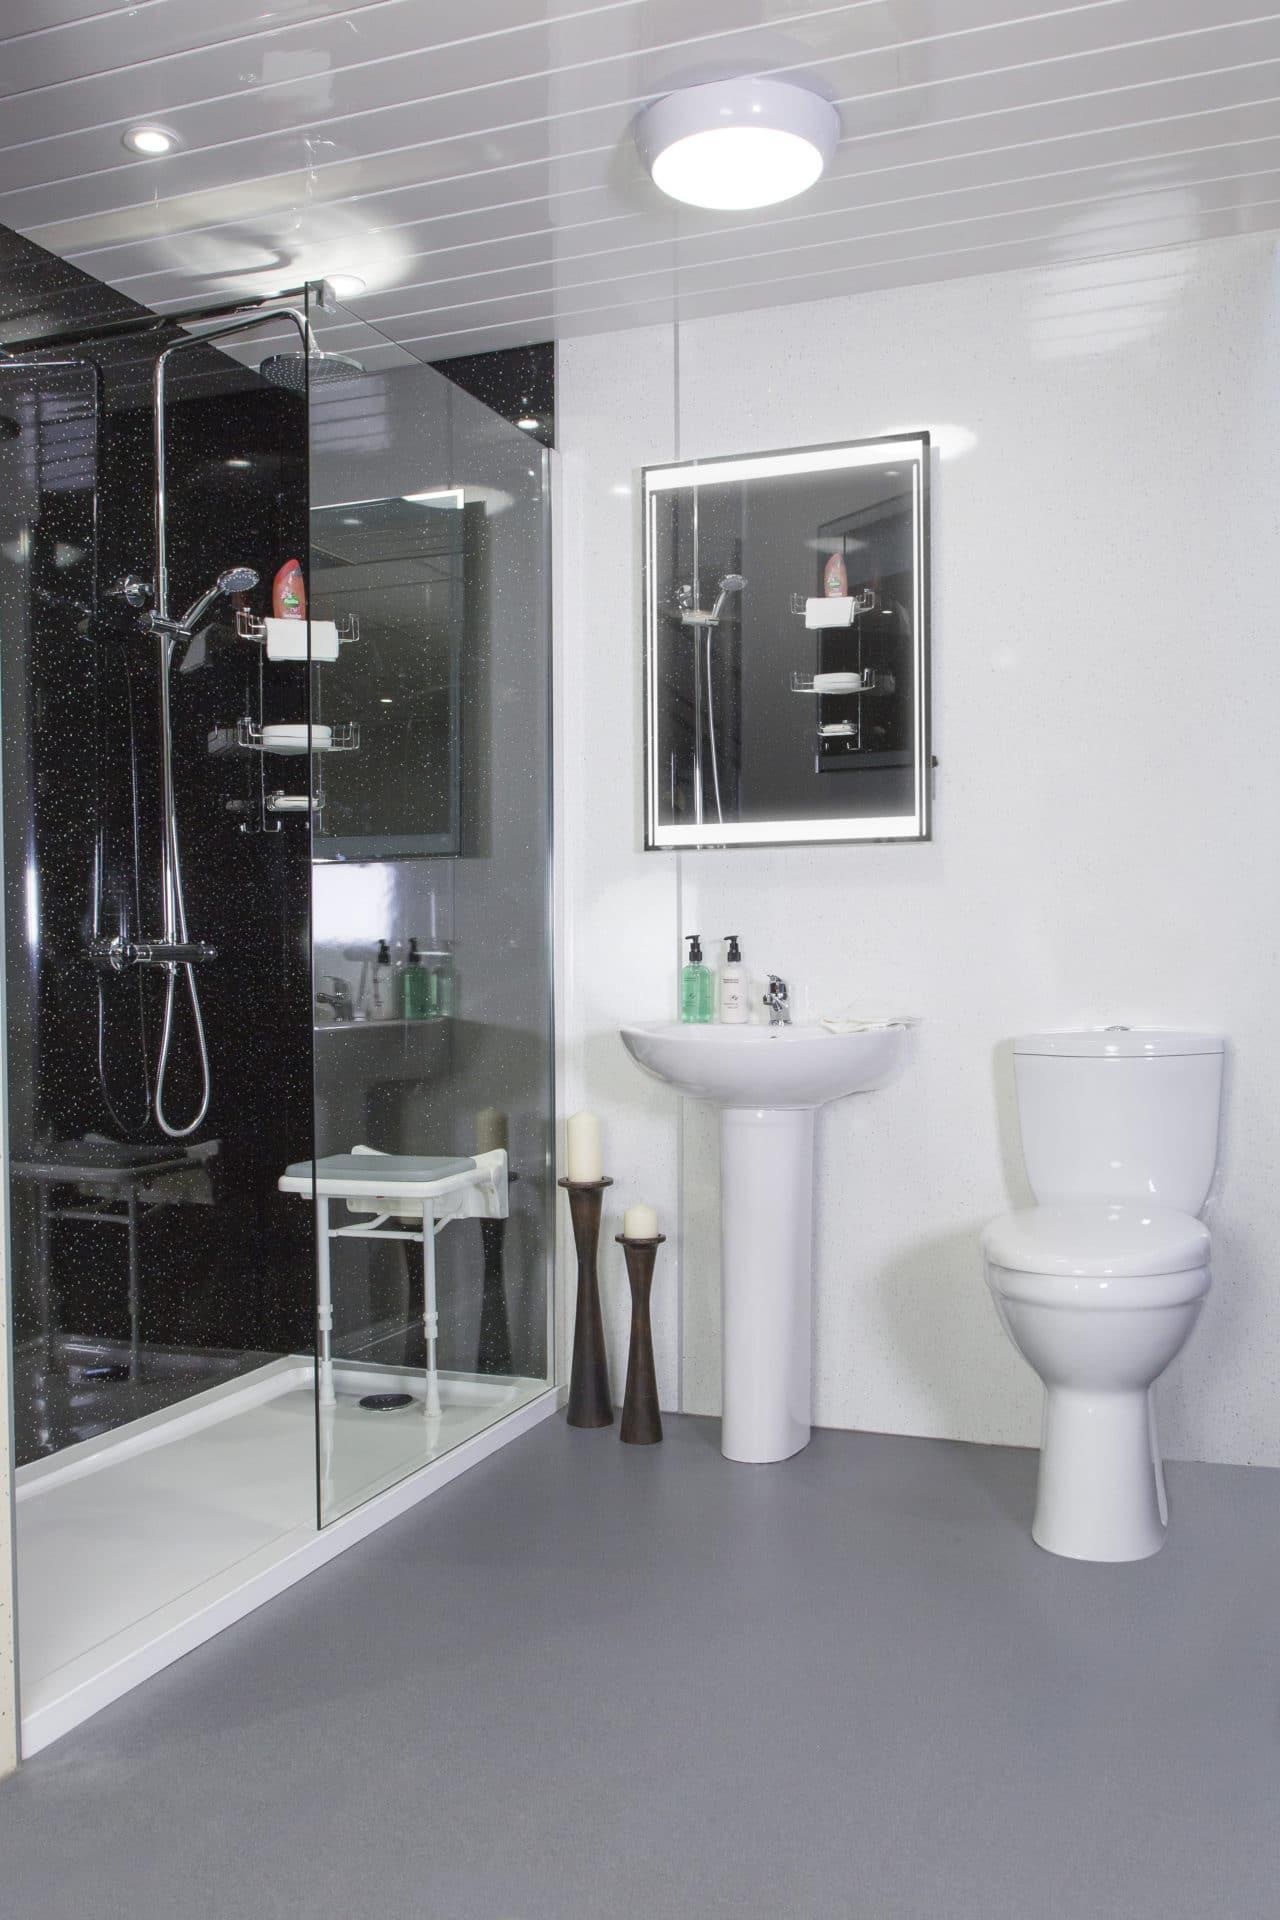 Toilet & Wash Basin